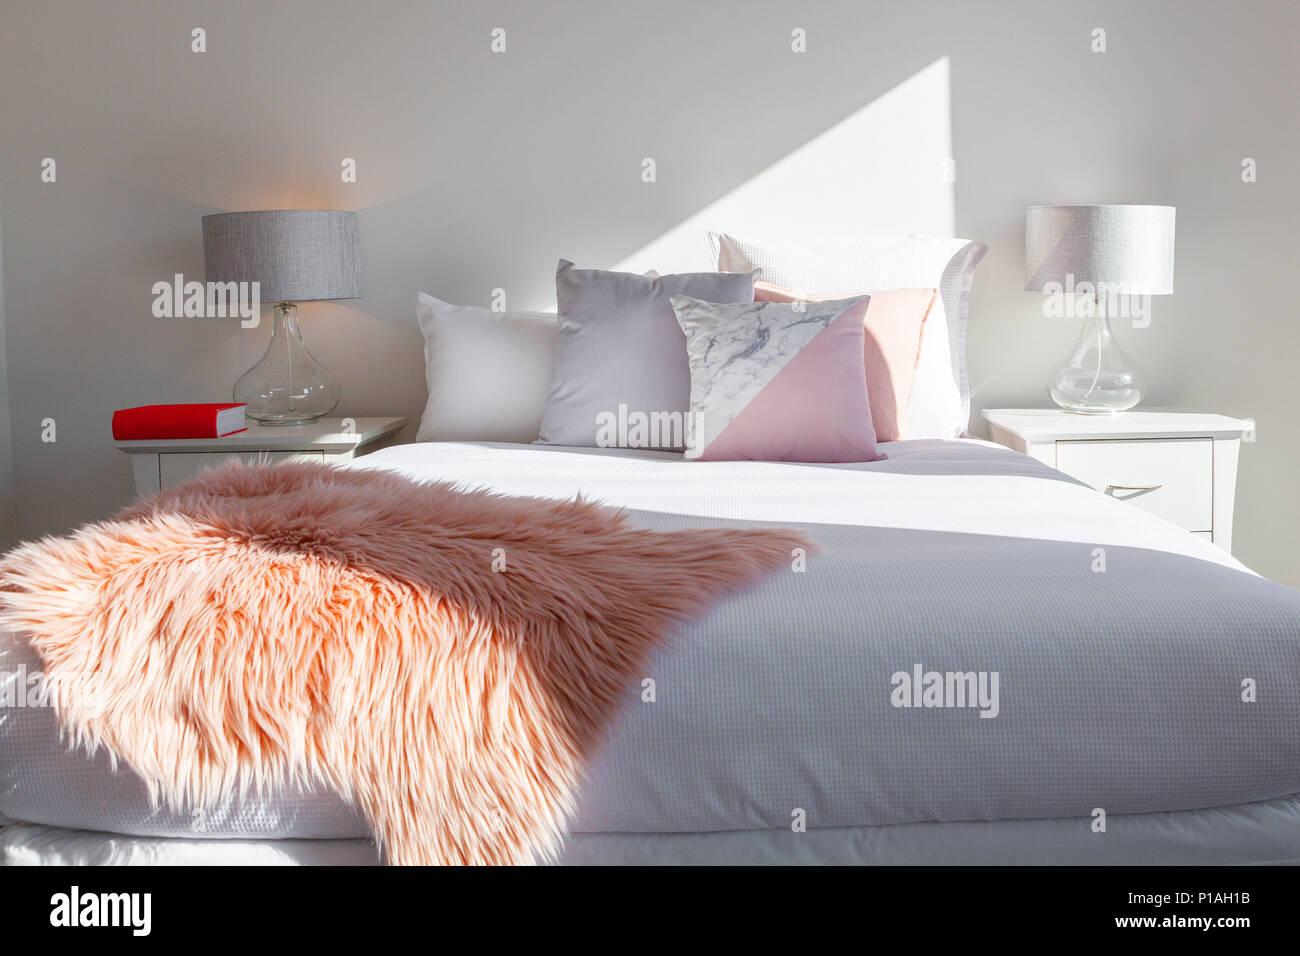 Elegante Schlafzimmer - Anordnung der Kissen auf dem Bett mit ...